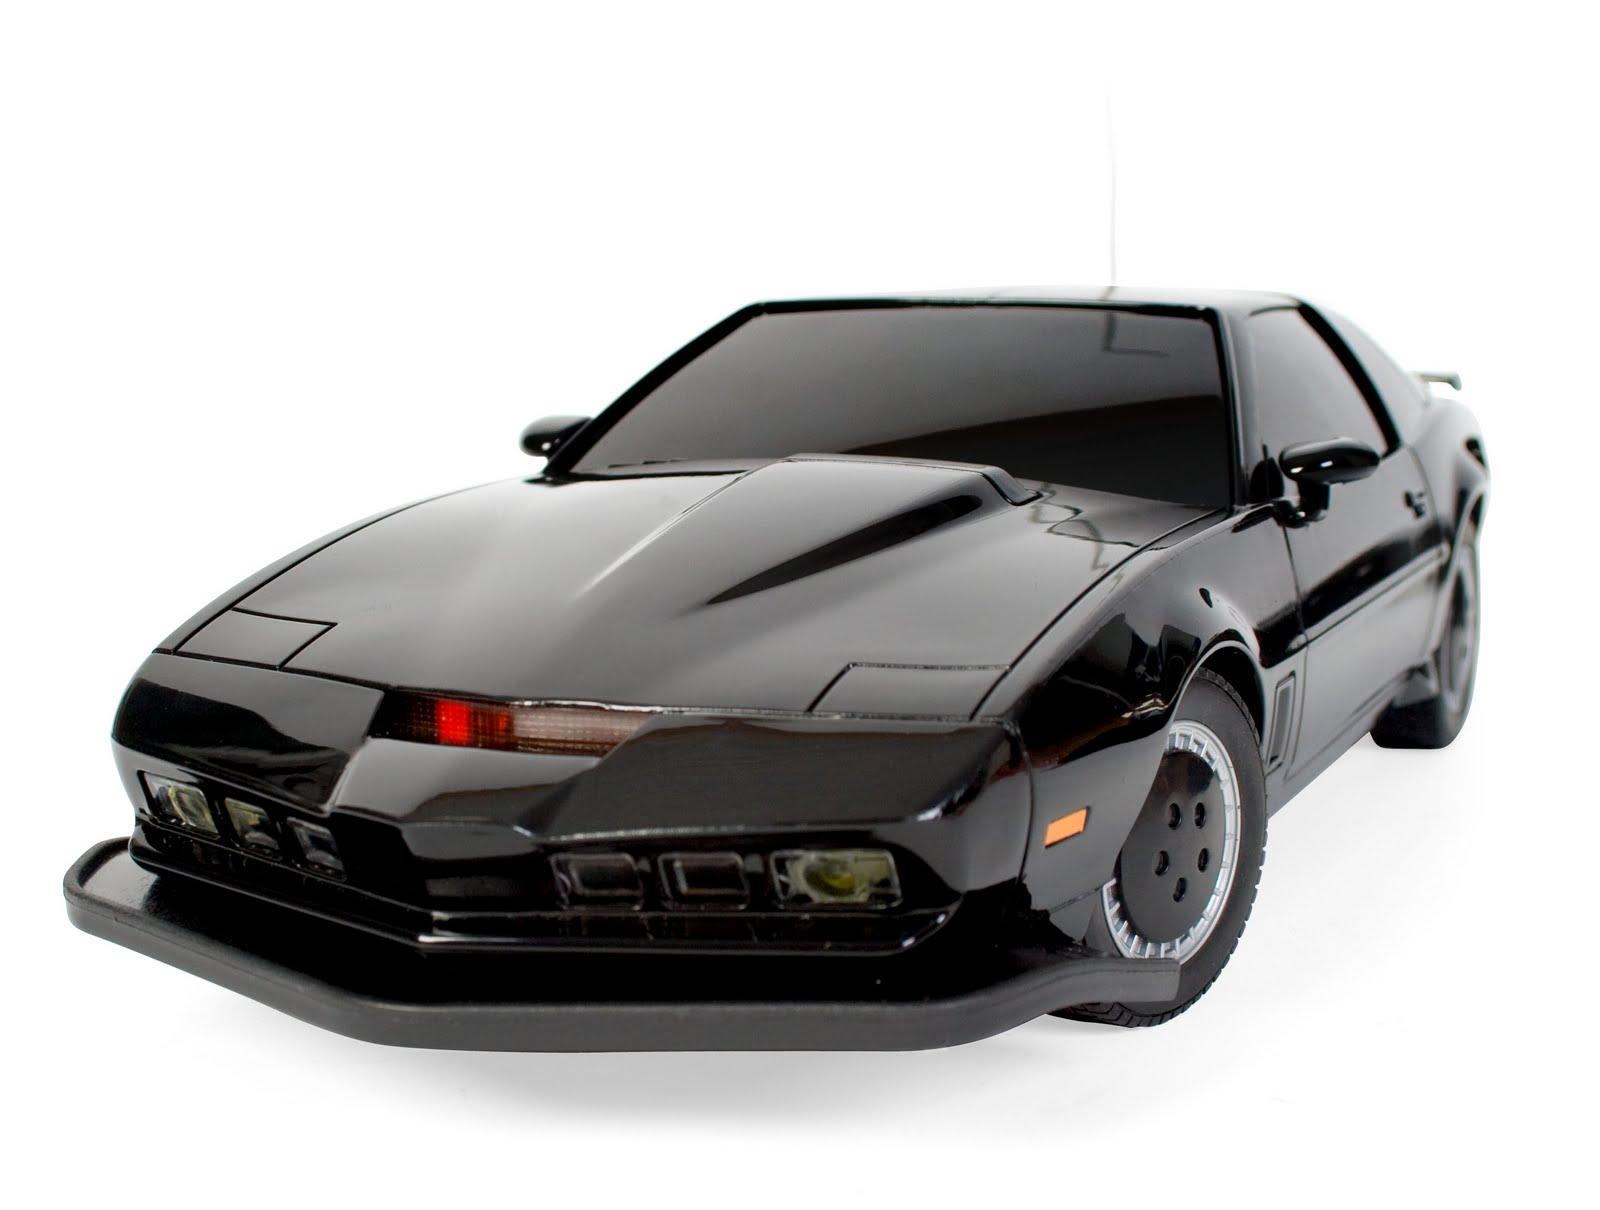 Yv S Car